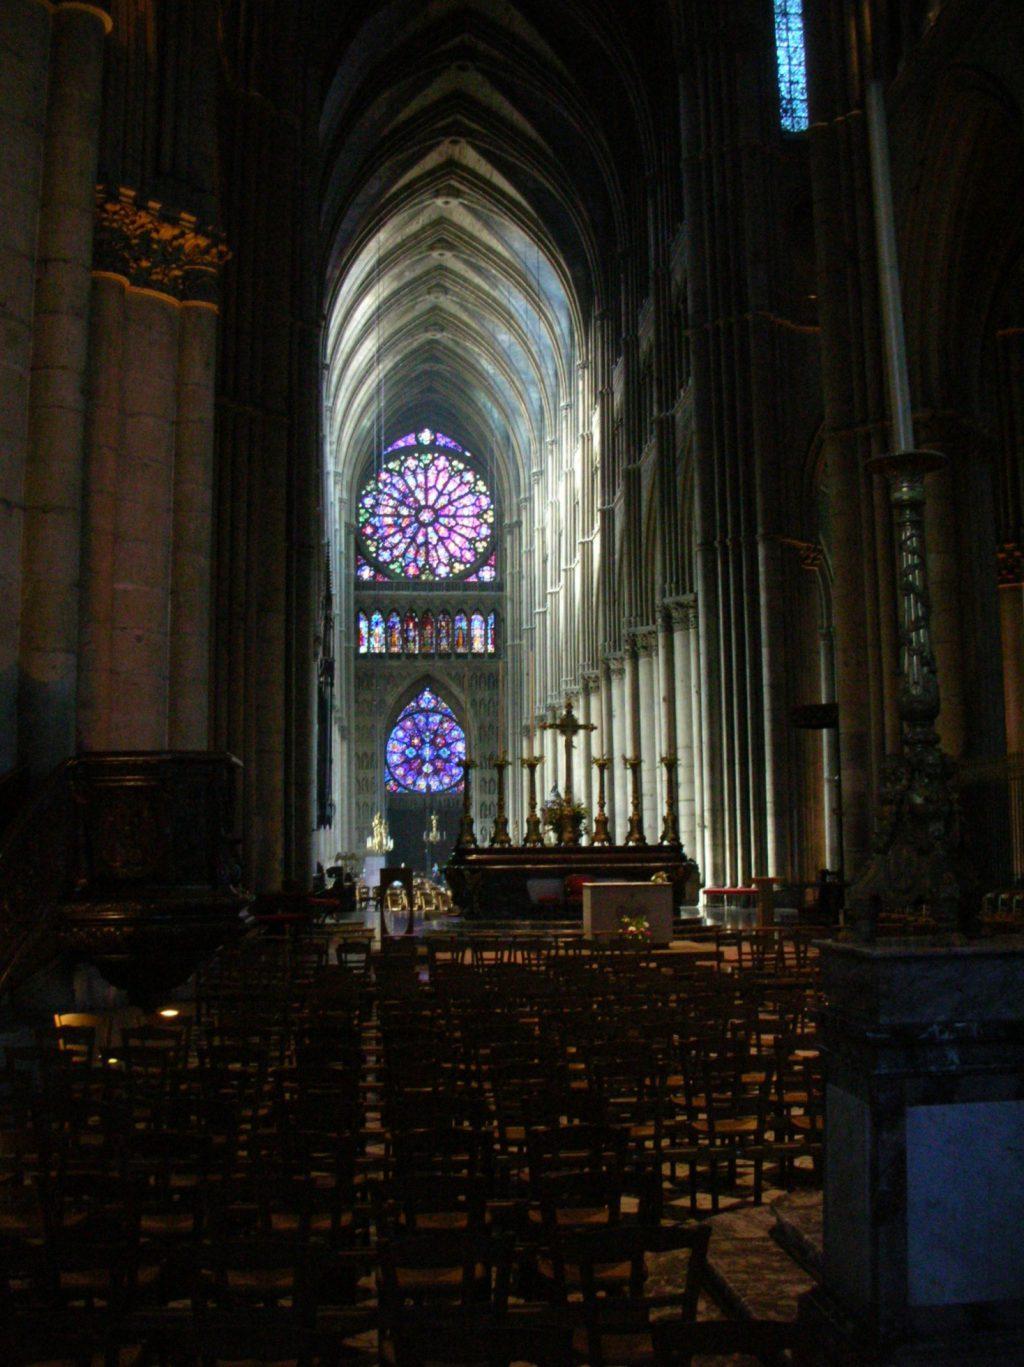 ランス・ノートルダム大聖堂 Cathédrale Notre-Dame de Reims